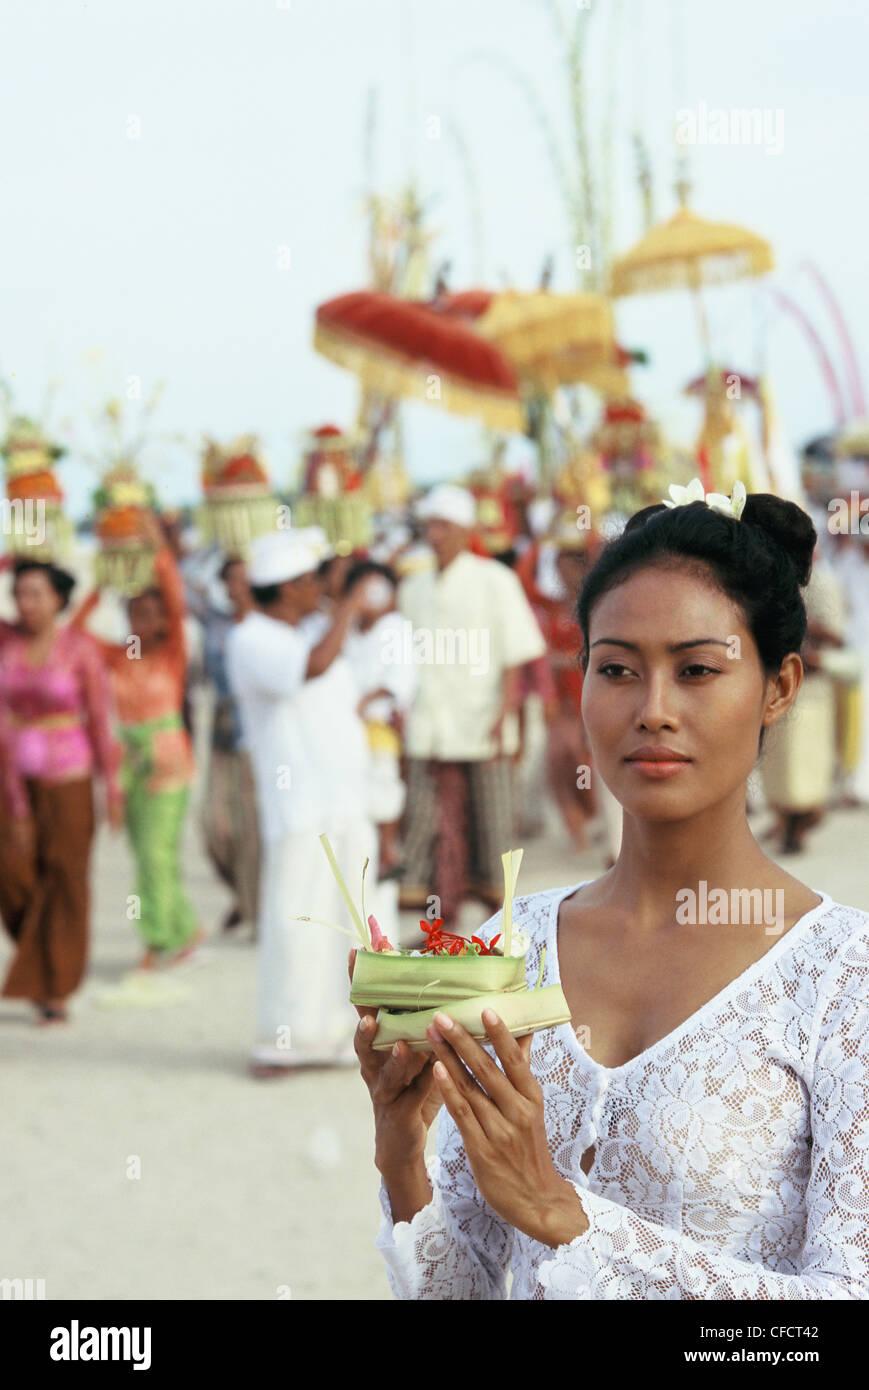 Giovane donna offerta di trasporto in occasione di una cerimonia che si terrà a Bali, Indonesia, Asia sud-orientale, Immagini Stock